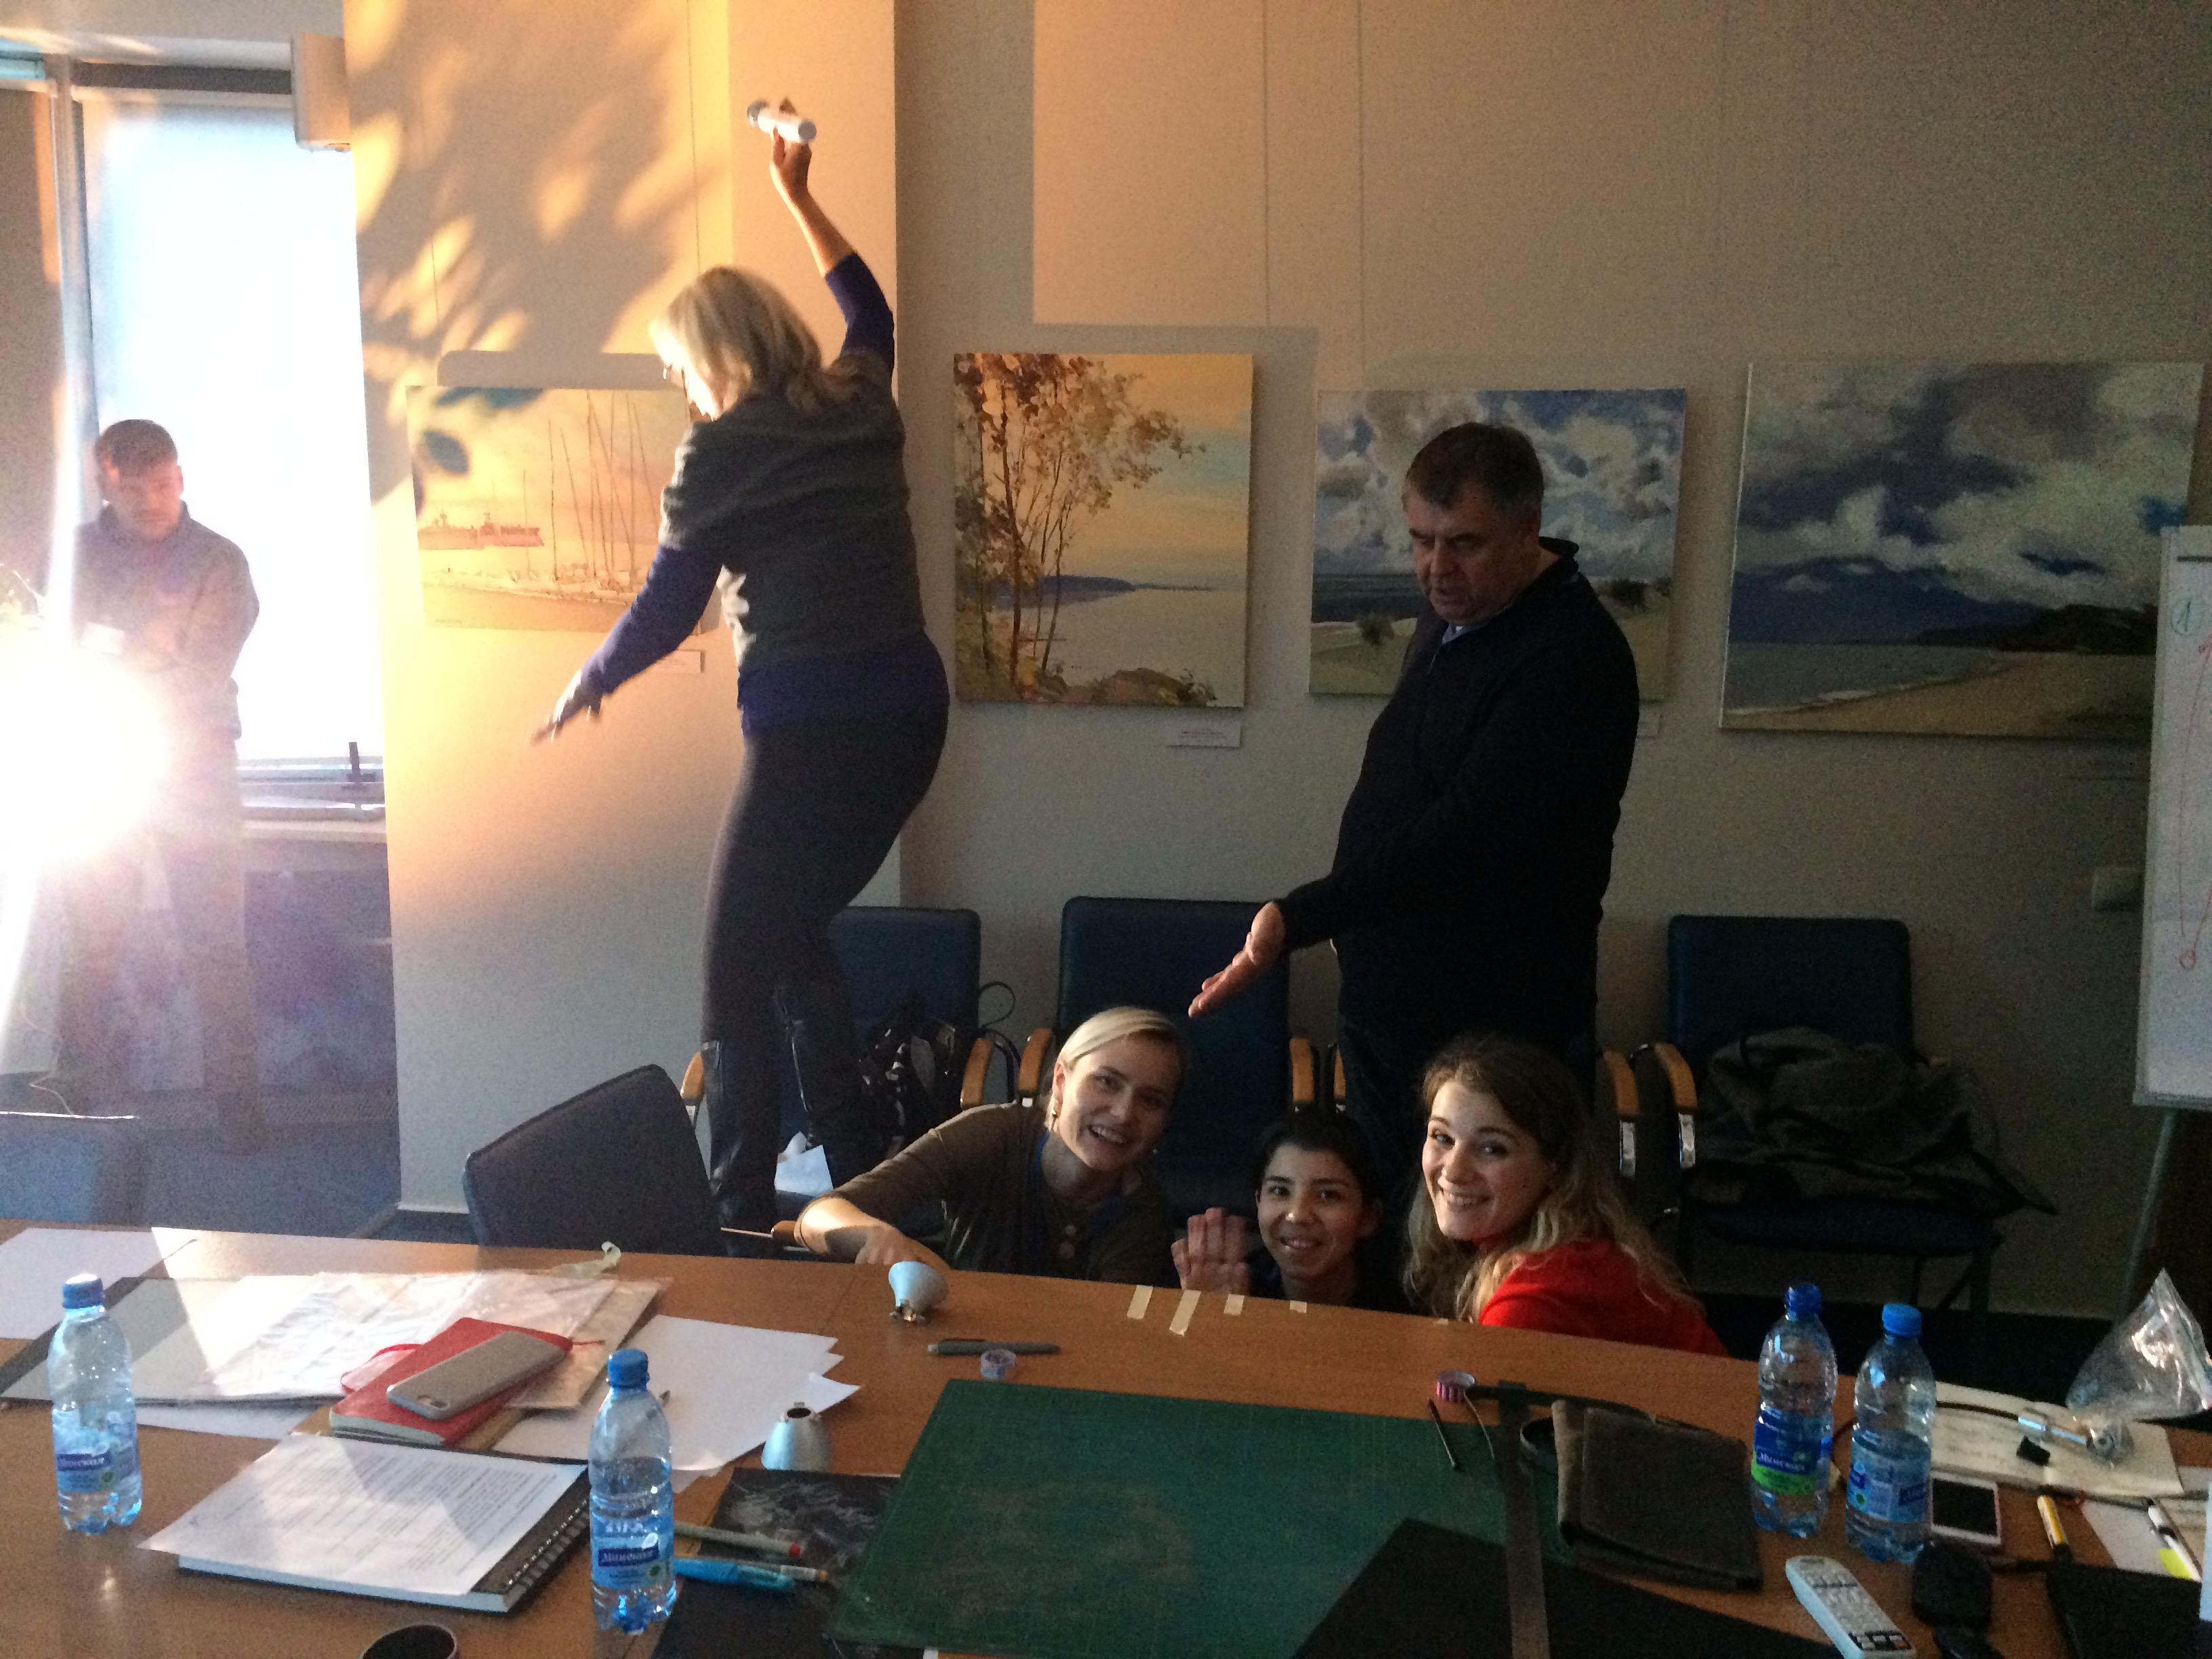 31_FOT_Lichtworkshop_Kaliningrad_Fotograf-Ulrike_Brandi_UBL